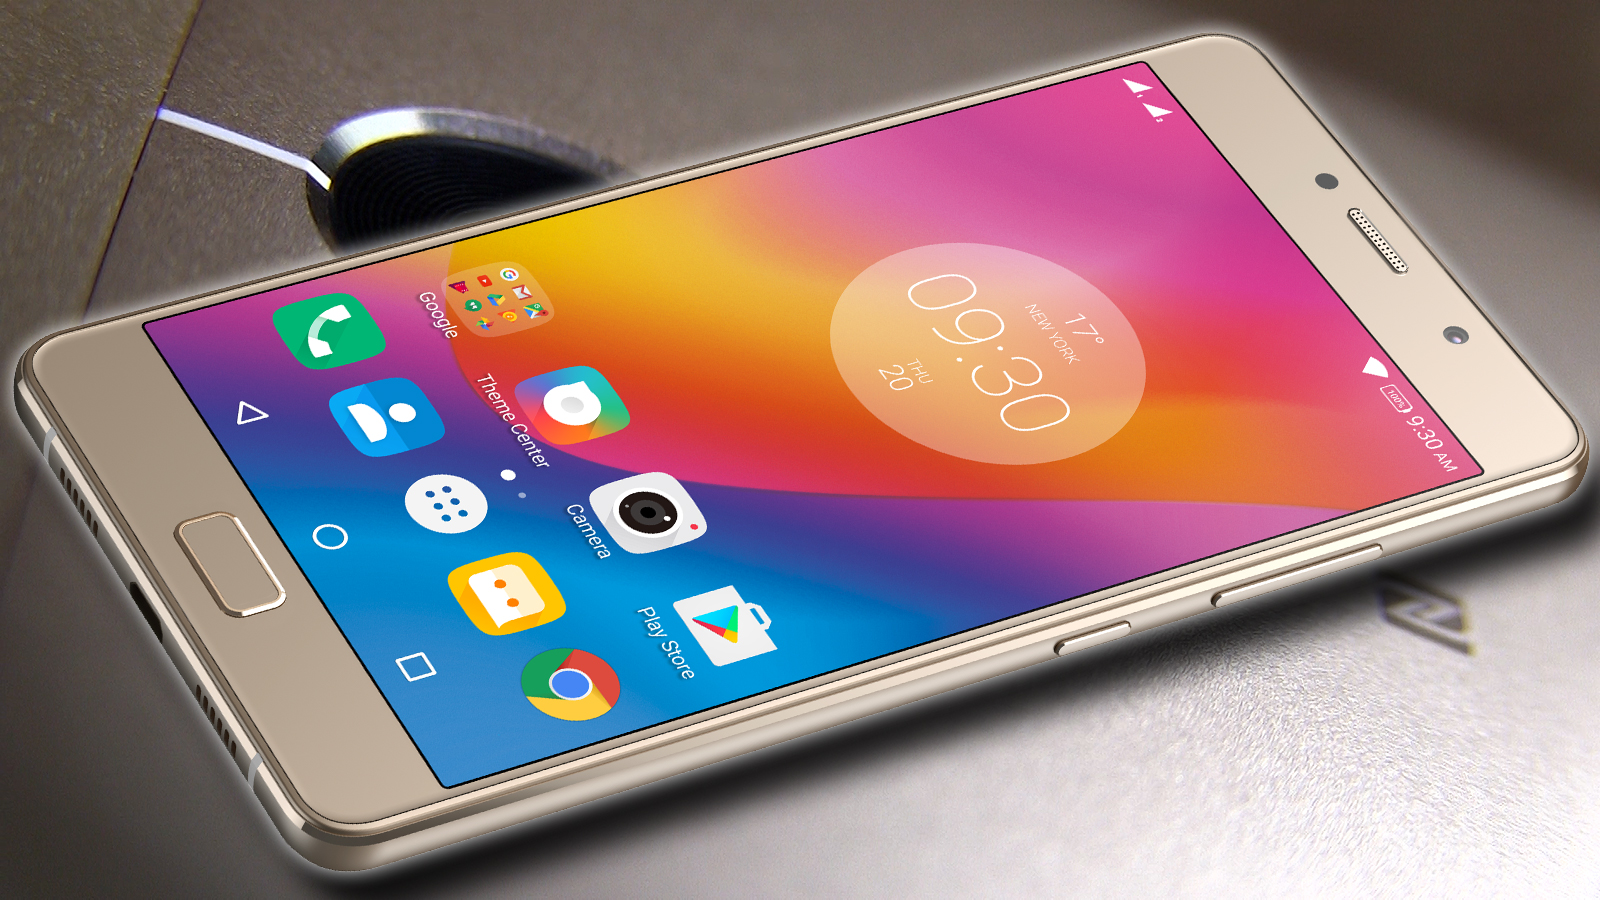 Какой смартфон лучше леново или флай (fly или lenovo)